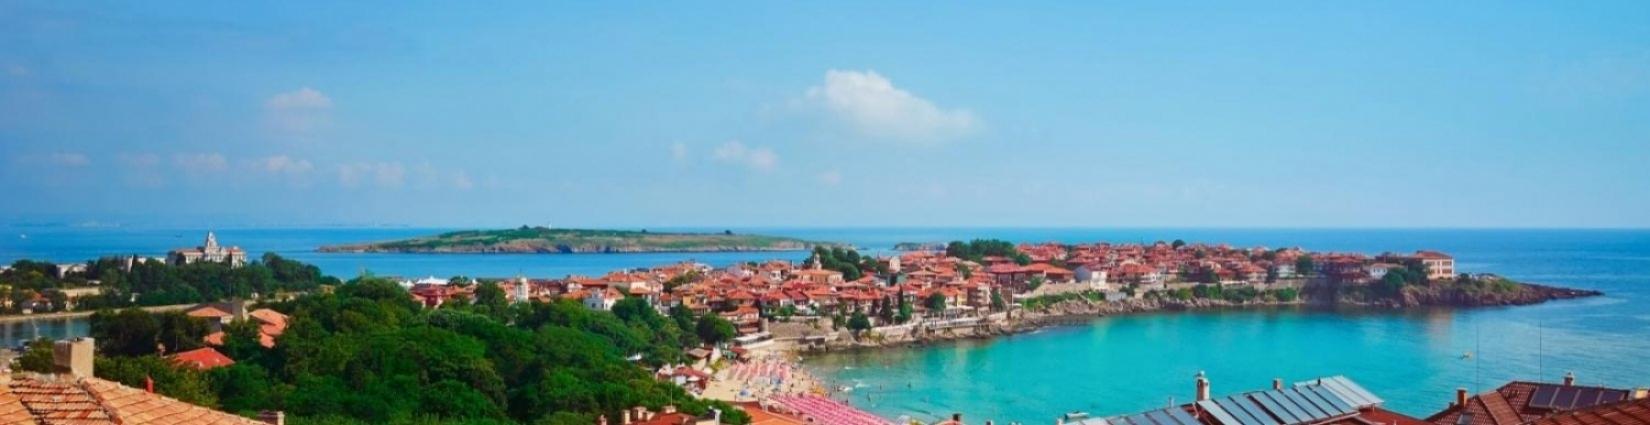 Недвижимость на южном побережье Болгарии